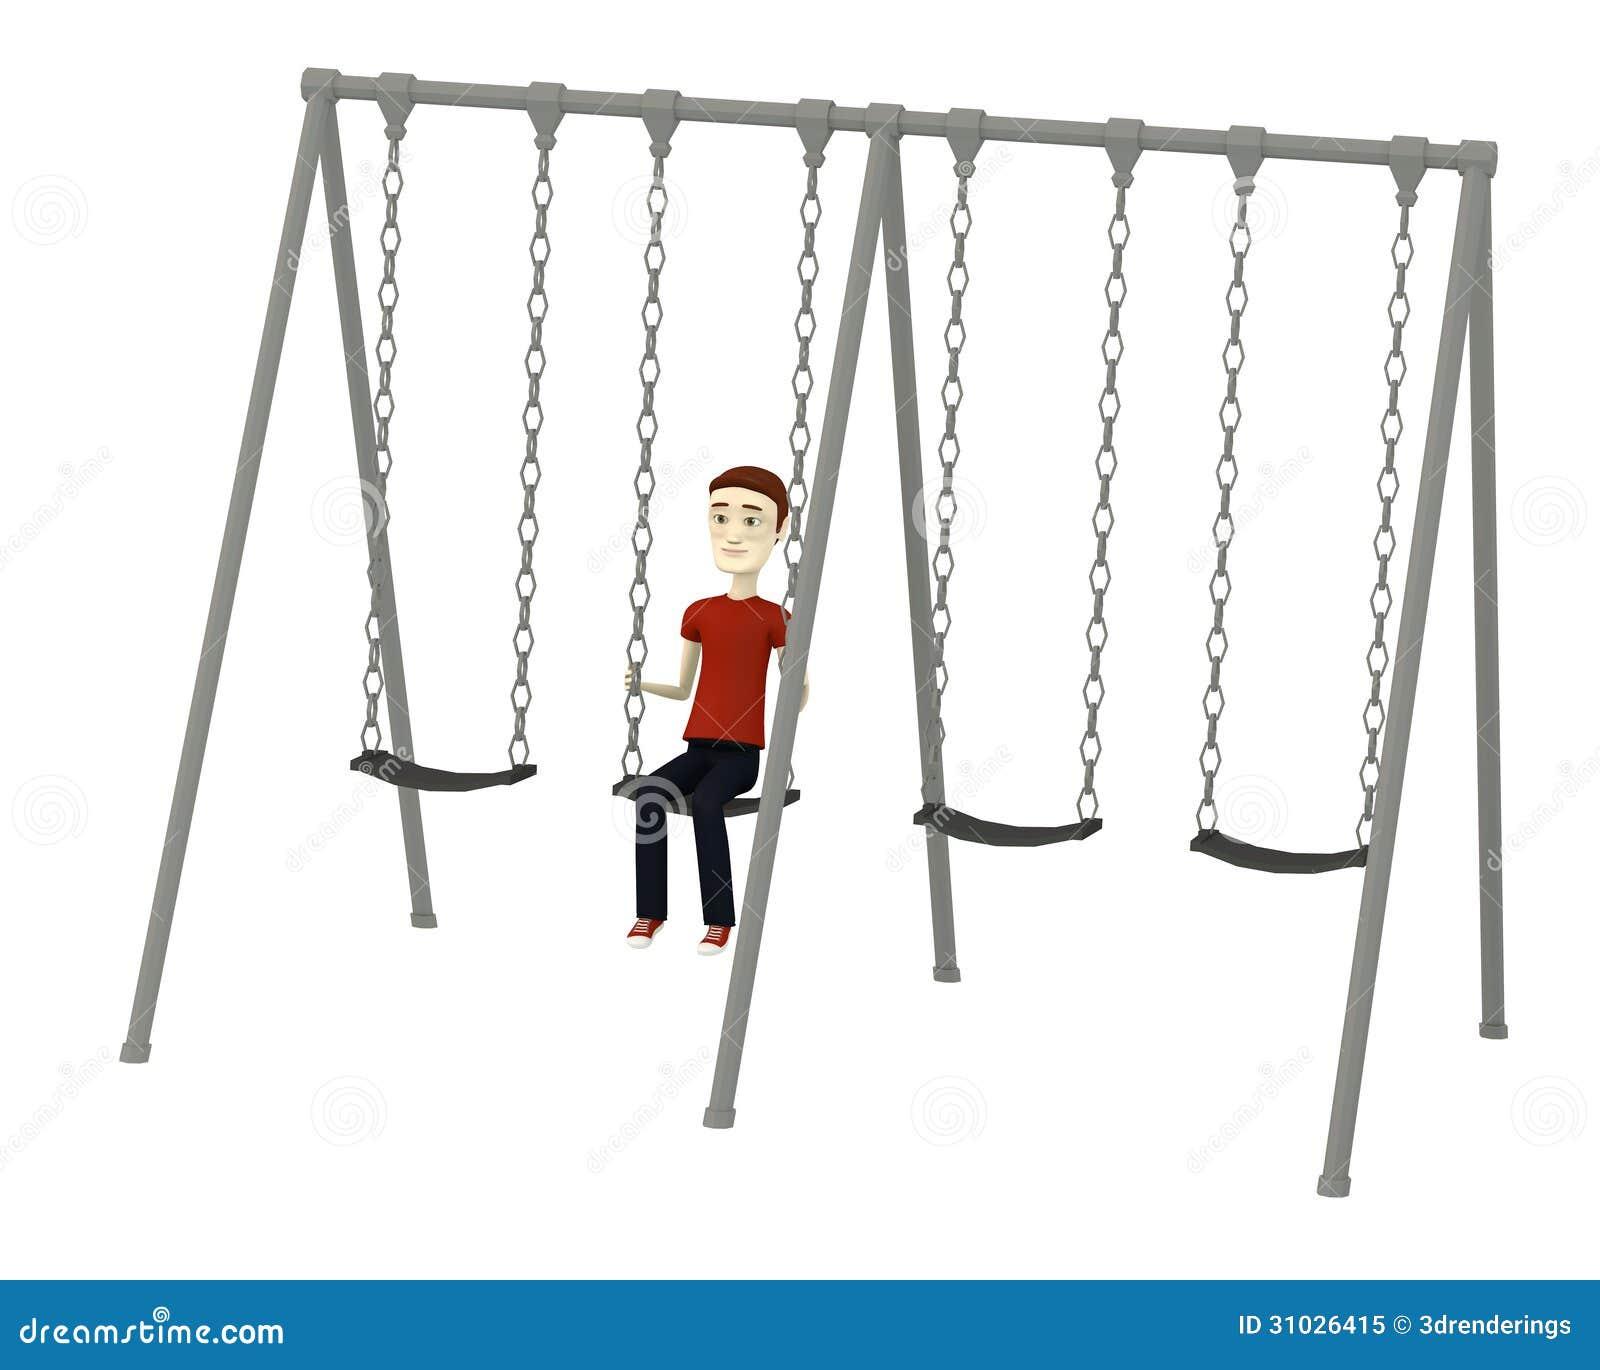 Gratis videoklipp av swingers